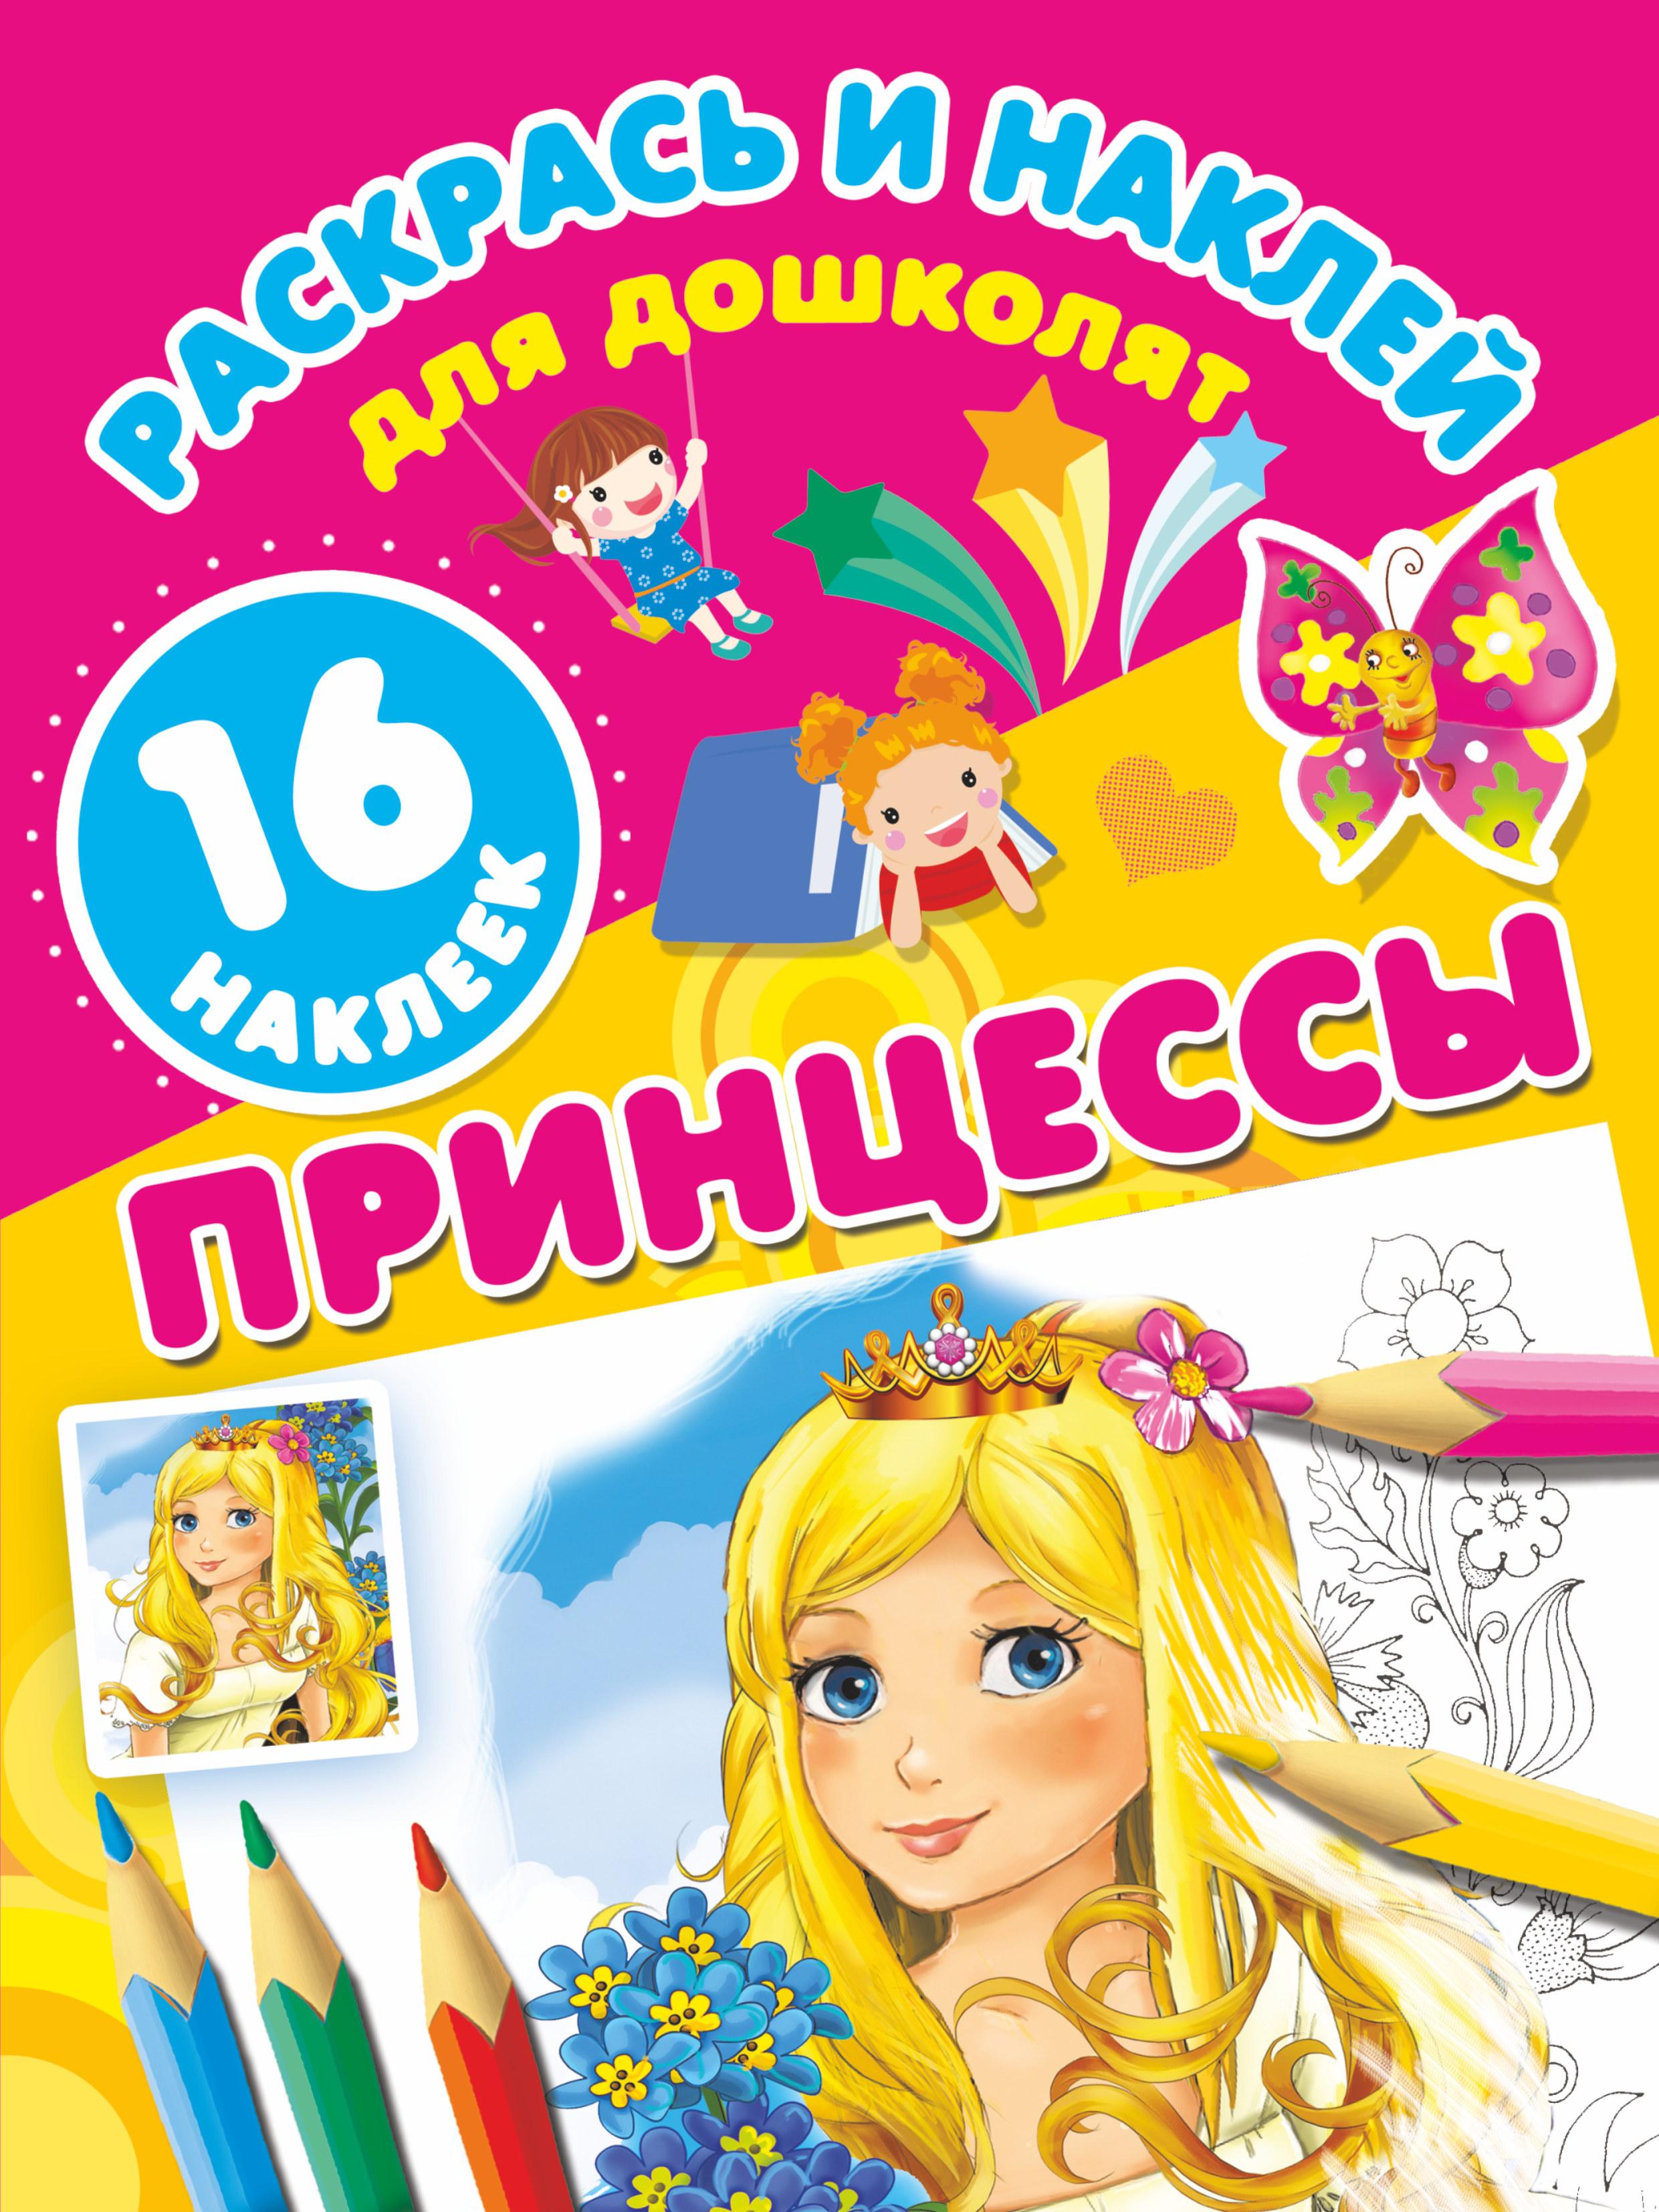 Жуковская Е.Р., Дмитриева В. Г. Принцессы ISBN: 978-5-17-108704-3 в г дмитриева дневничок настоящей принцессы isbn 978 5 271 25922 7